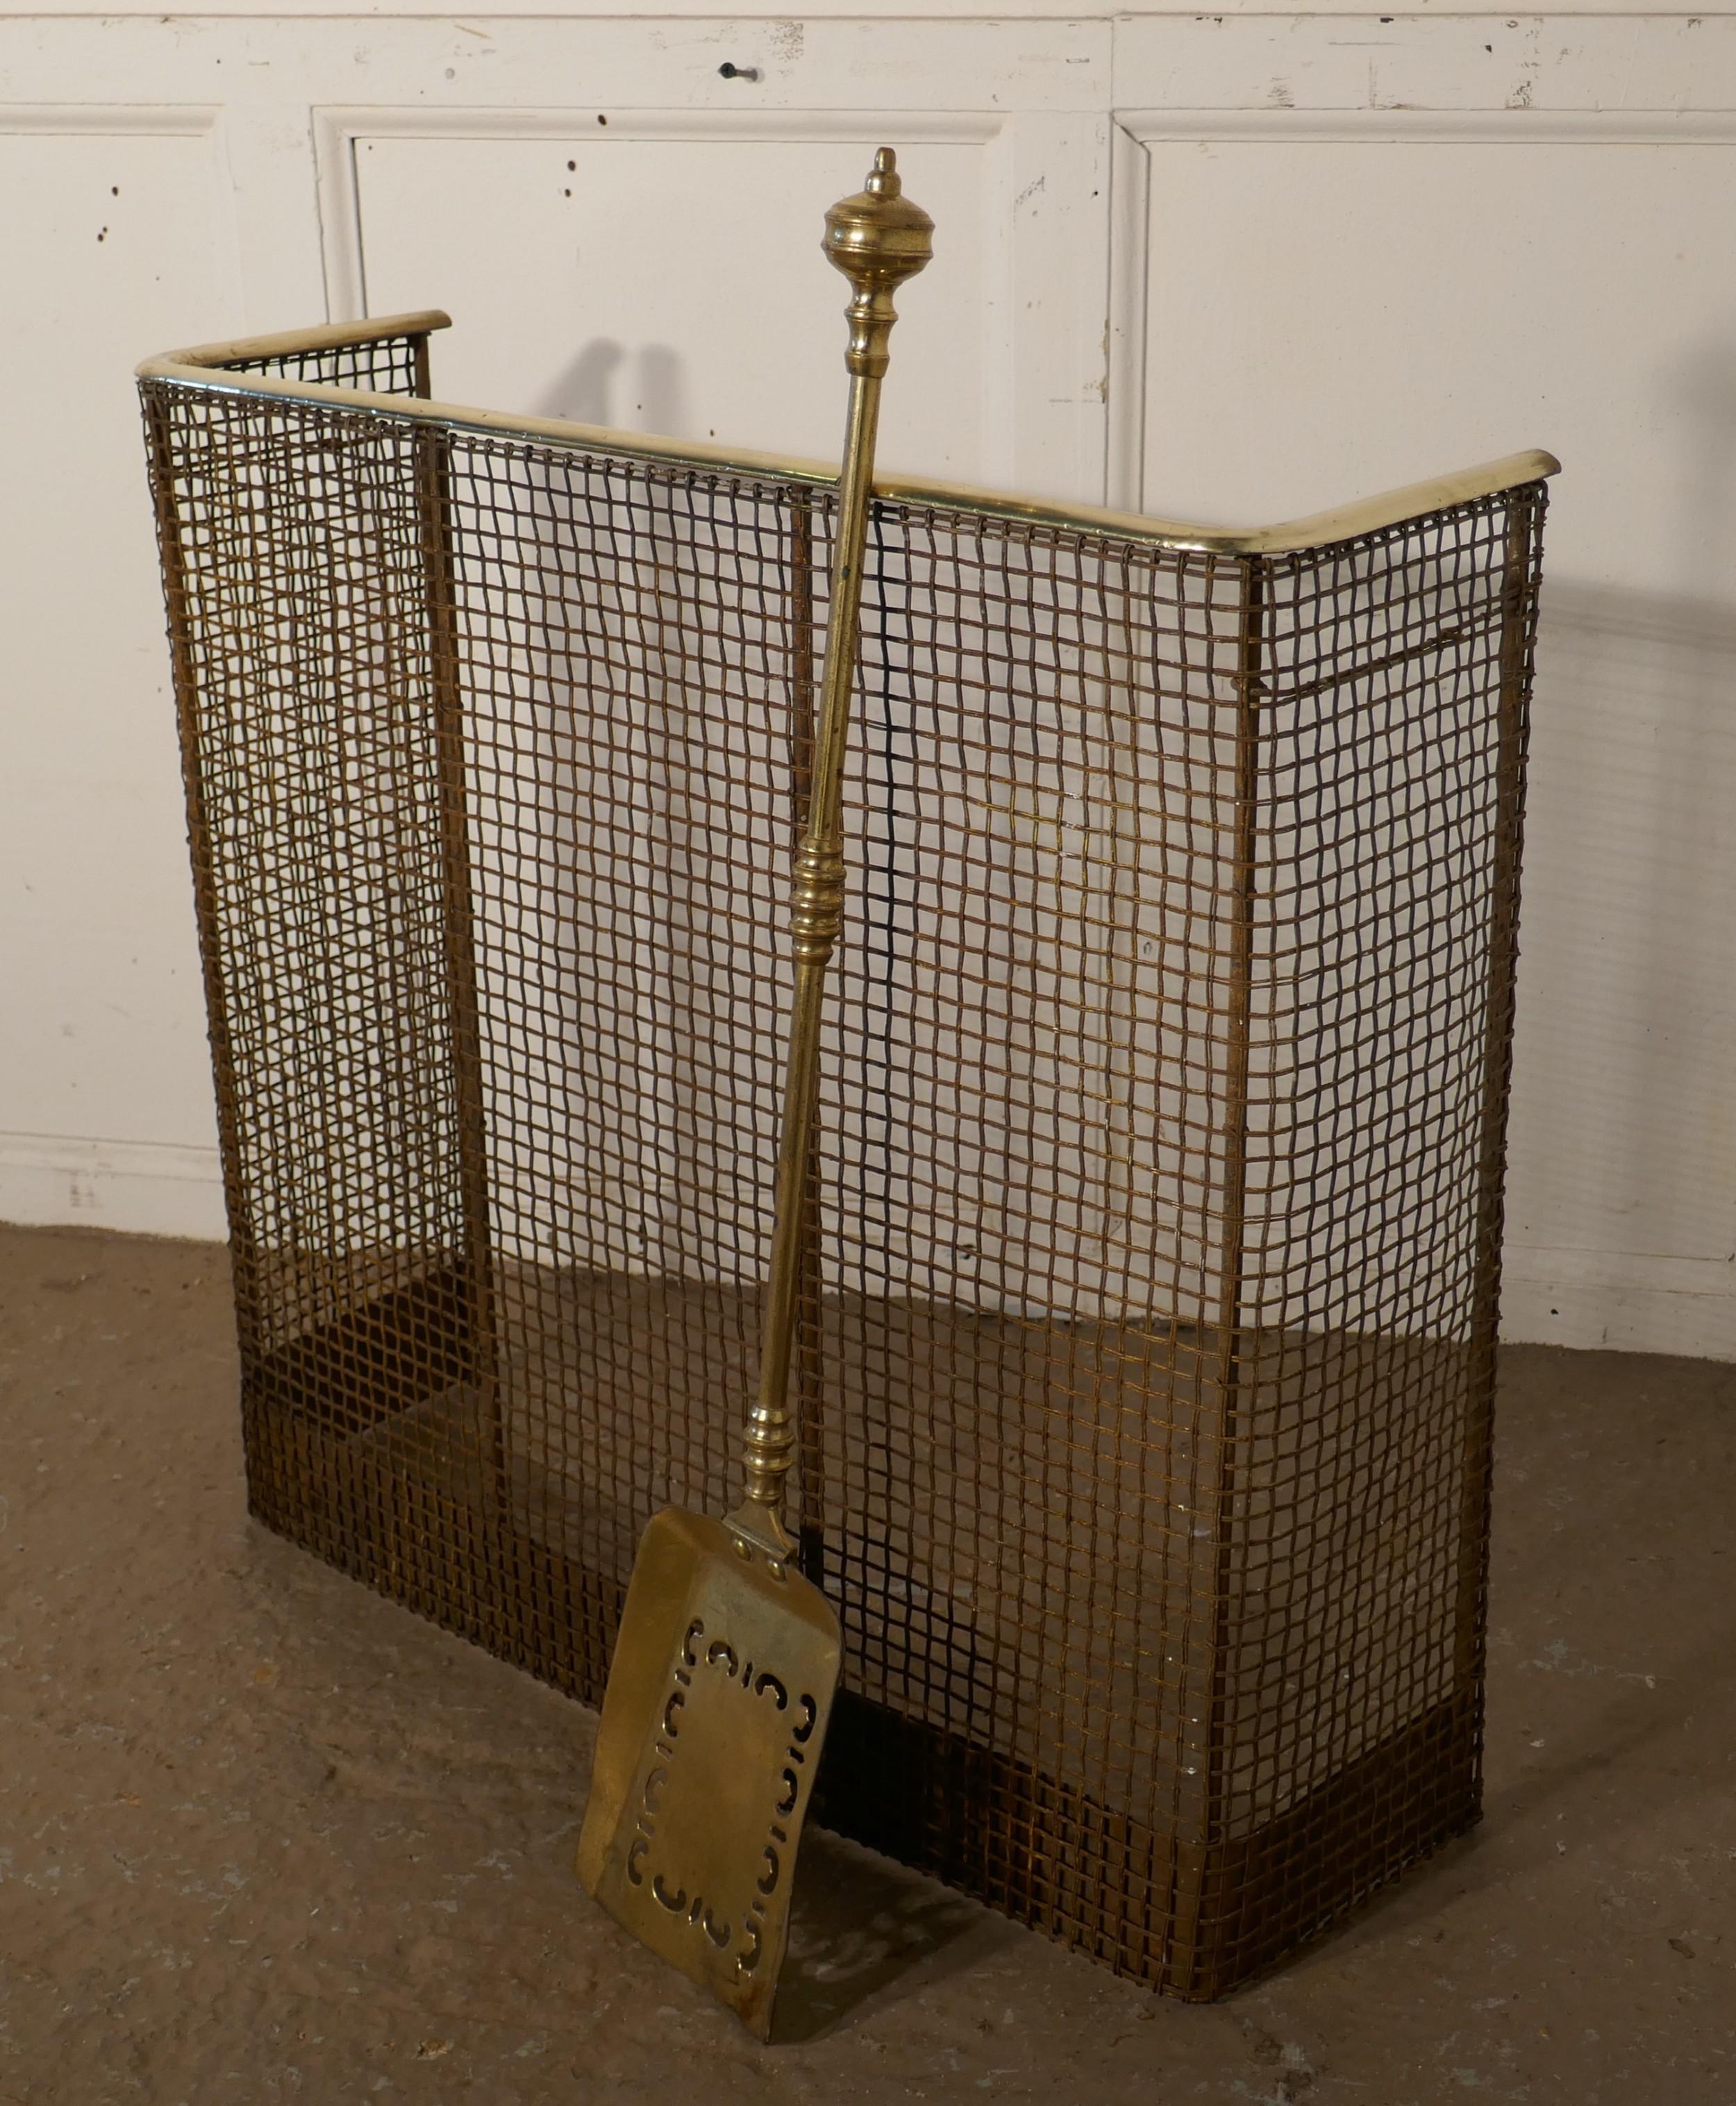 a petite high victorian nursery fire guard brass fender and shovel